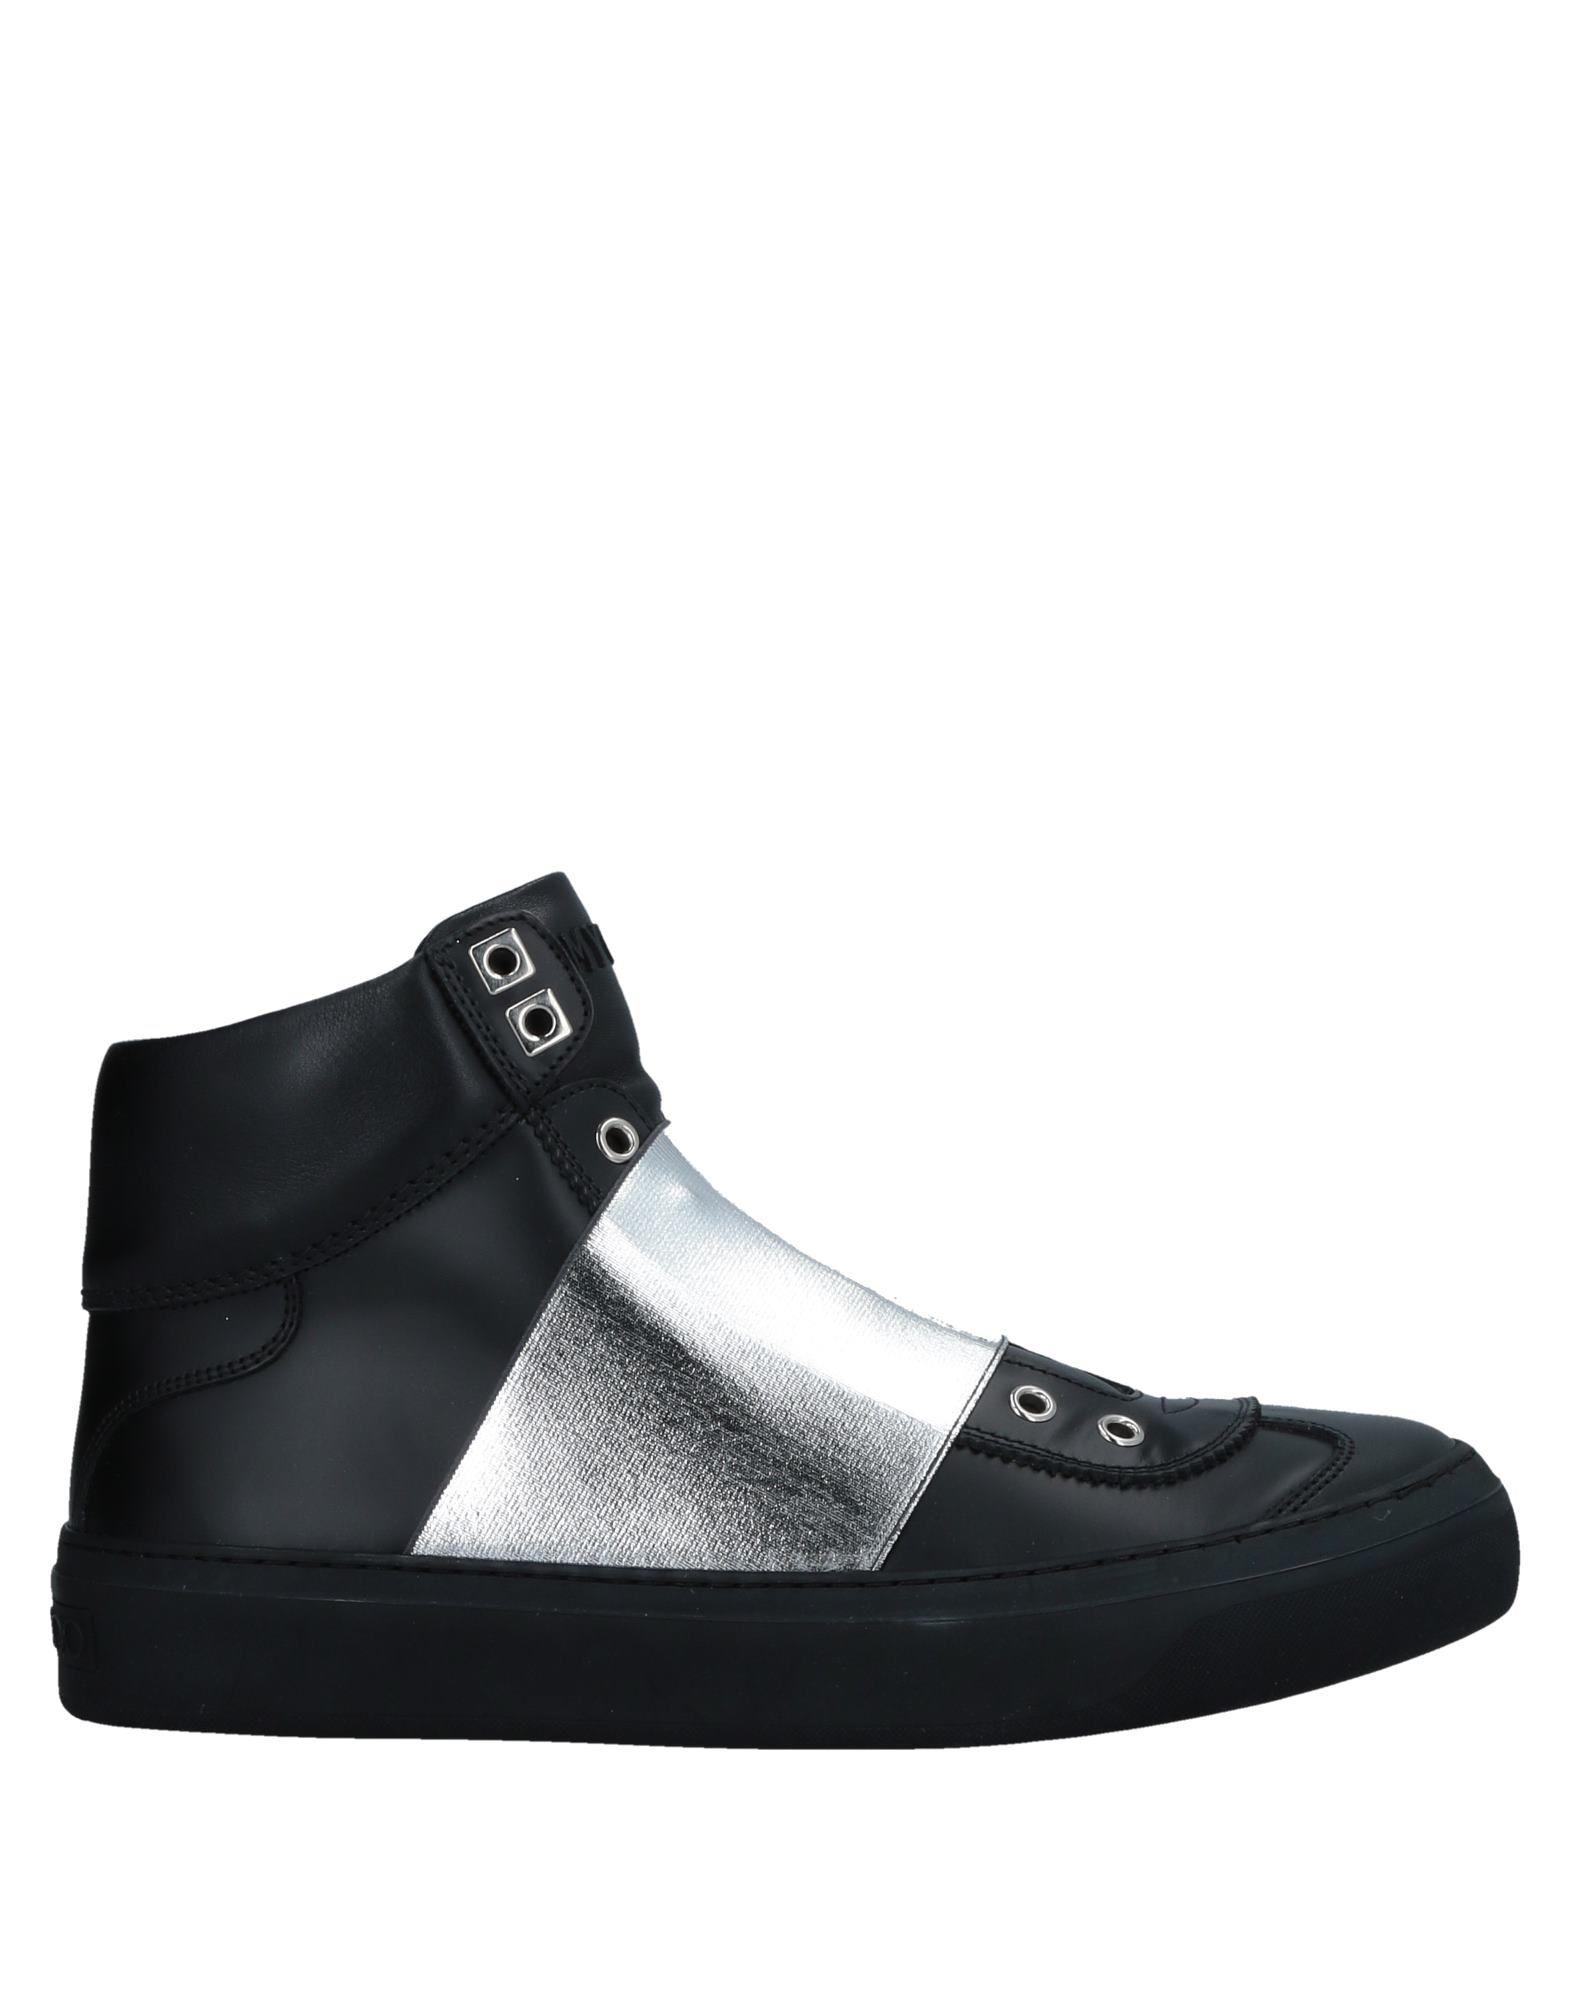 Jimmy Choo Sneakers - Women Jimmy Jimmy Jimmy Choo Sneakers online on  United Kingdom - 11528859XH b47488